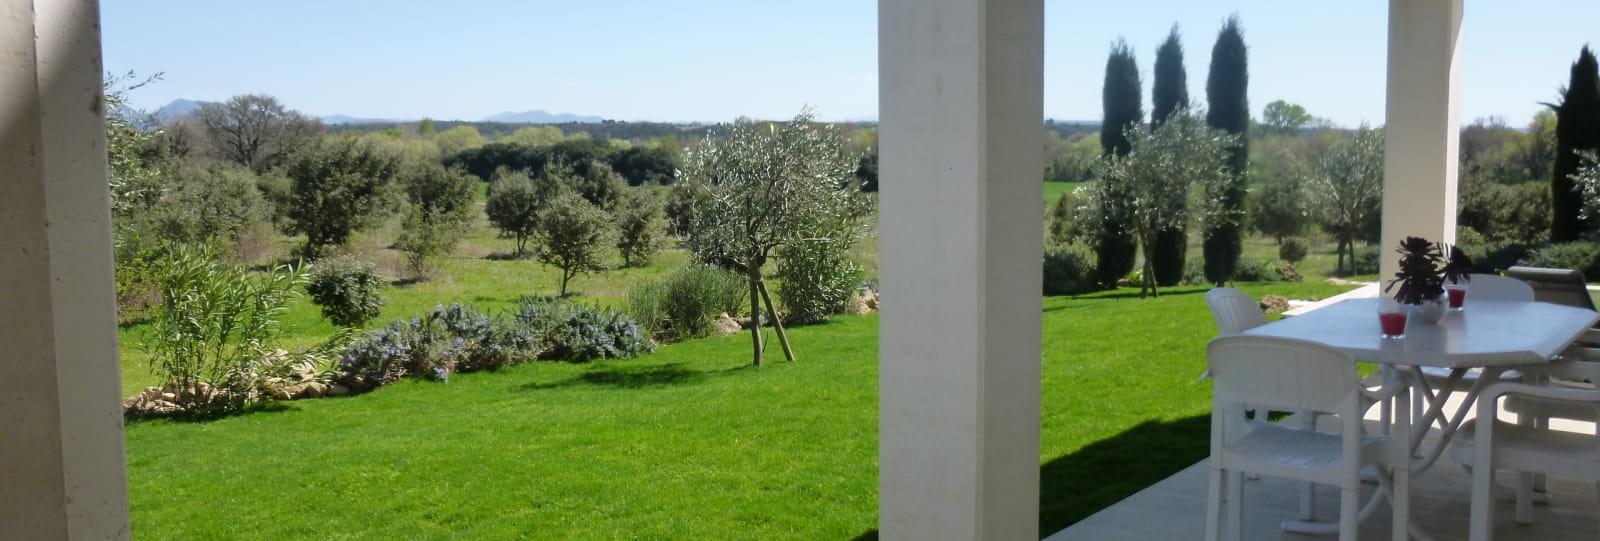 La Maison des Oliviers - vue depuis la terrasse